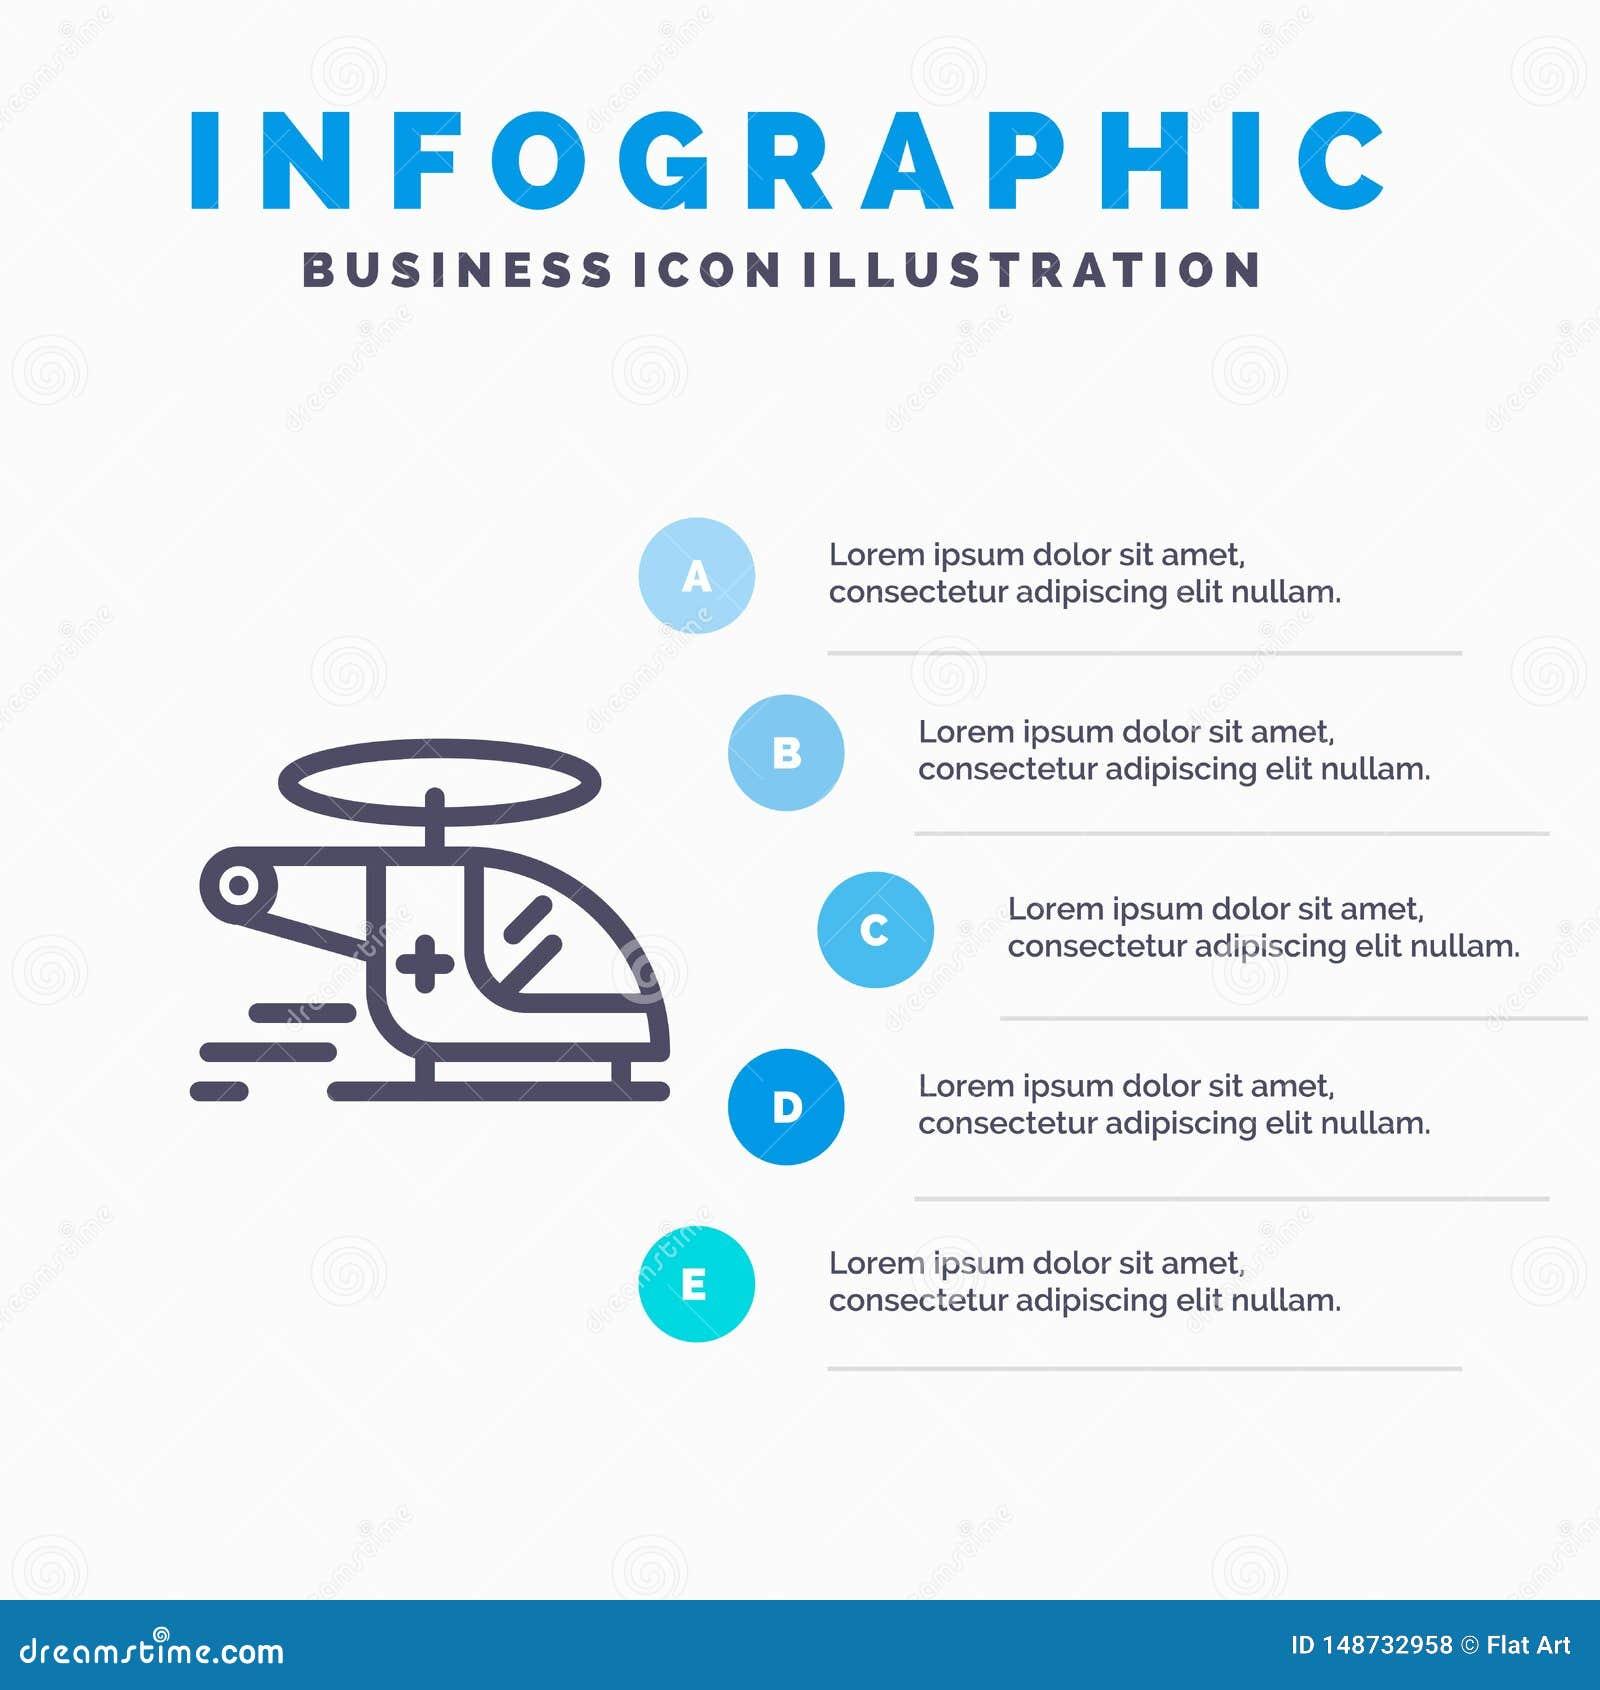 Hubschrauber, Zerhacker, medizinisch, Krankenwagen, Luftverkehrslinie Ikone mit Hintergrund infographics Darstellung mit 5 Schrit